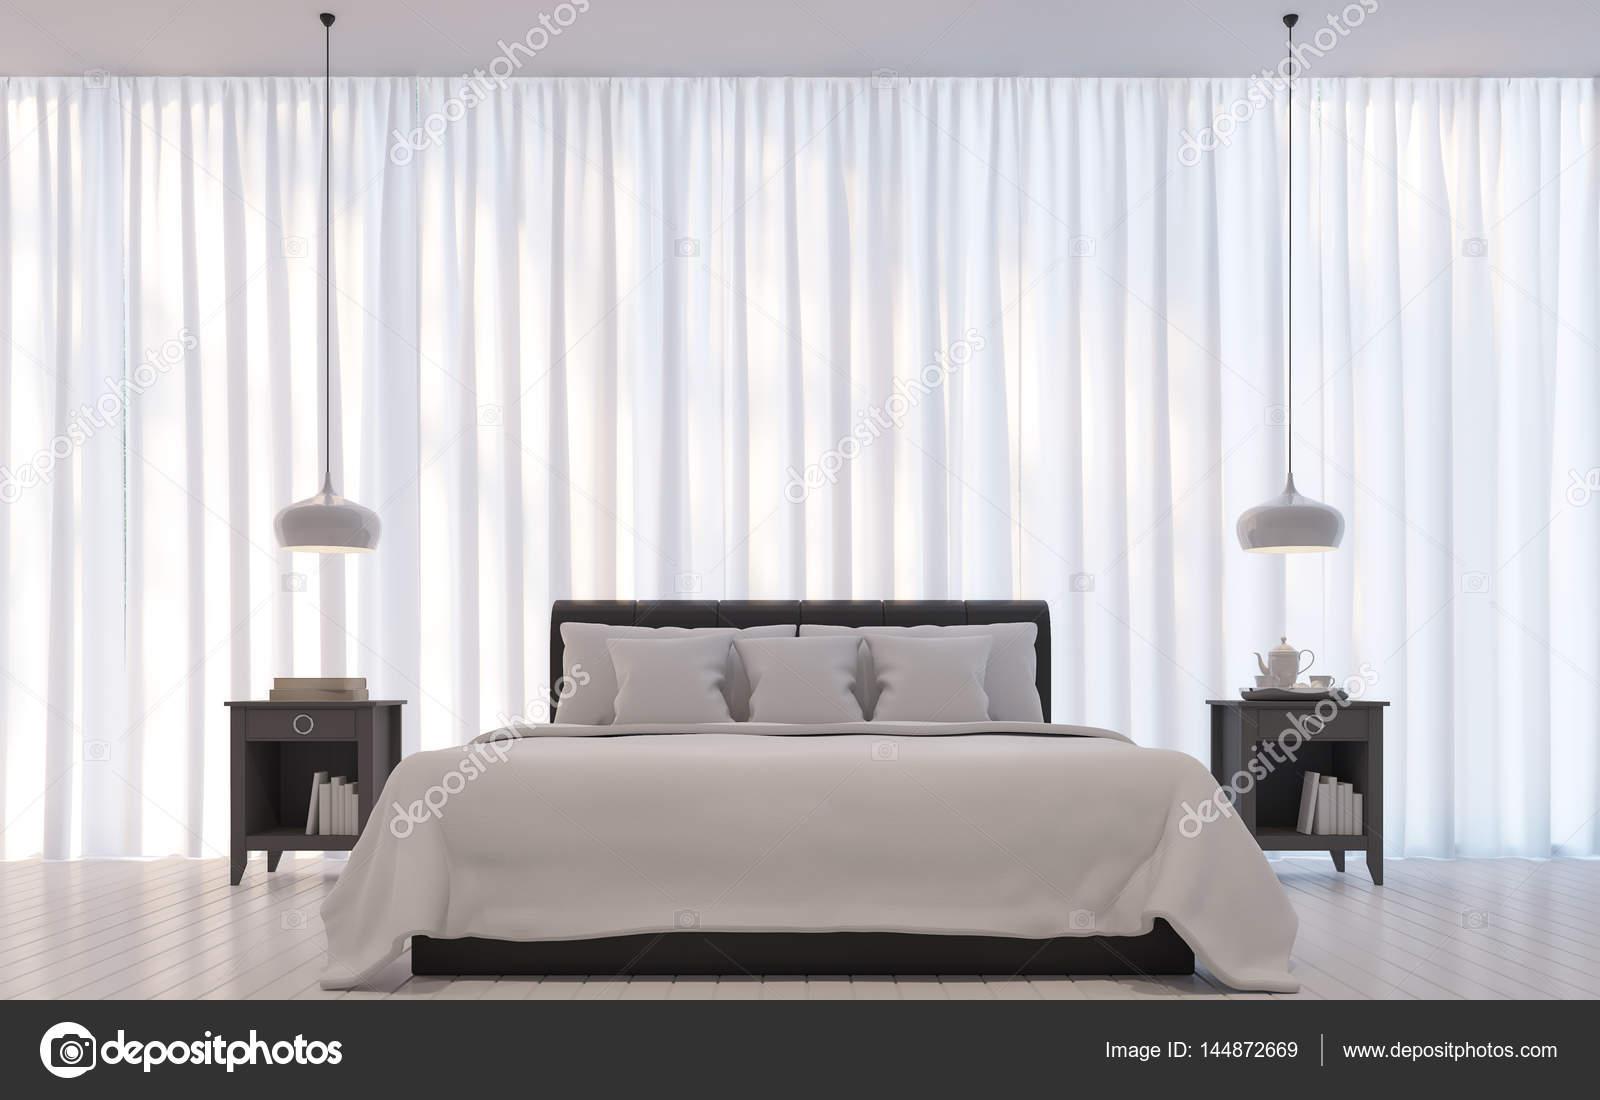 Moderne Weiße Schlafzimmer Minimalstil 3D Rendering Image.There Sind Zimmer  Mit Weißen Durchscheinenden Vorhang Und Dunkles Braun Bett Schmücken U2014 Foto  Von ...